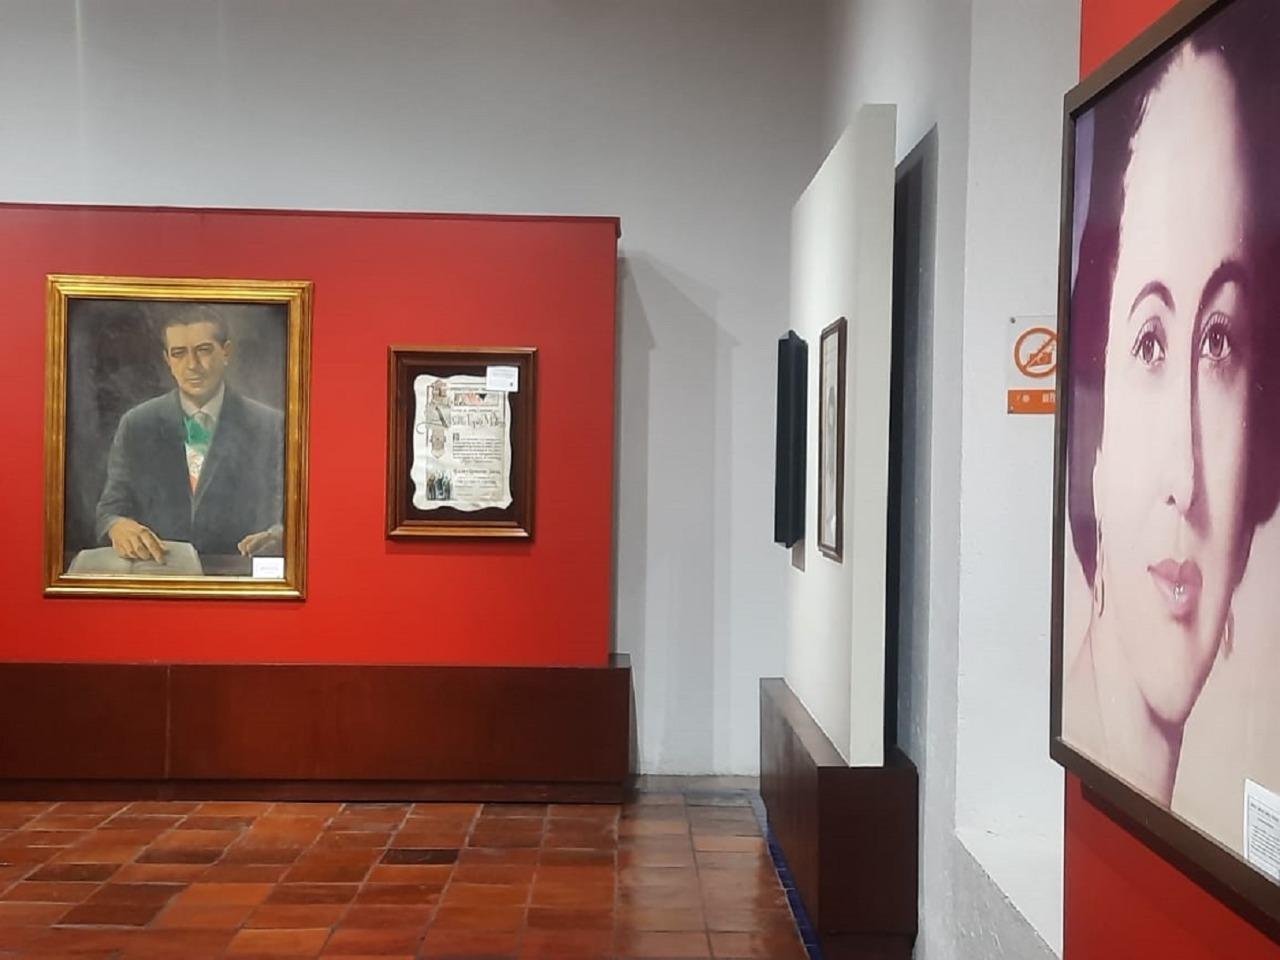 CONOCE EL ARTE Y LA CULTURA DEL MUSEO ADOLFO LÓPEZ MATEOS